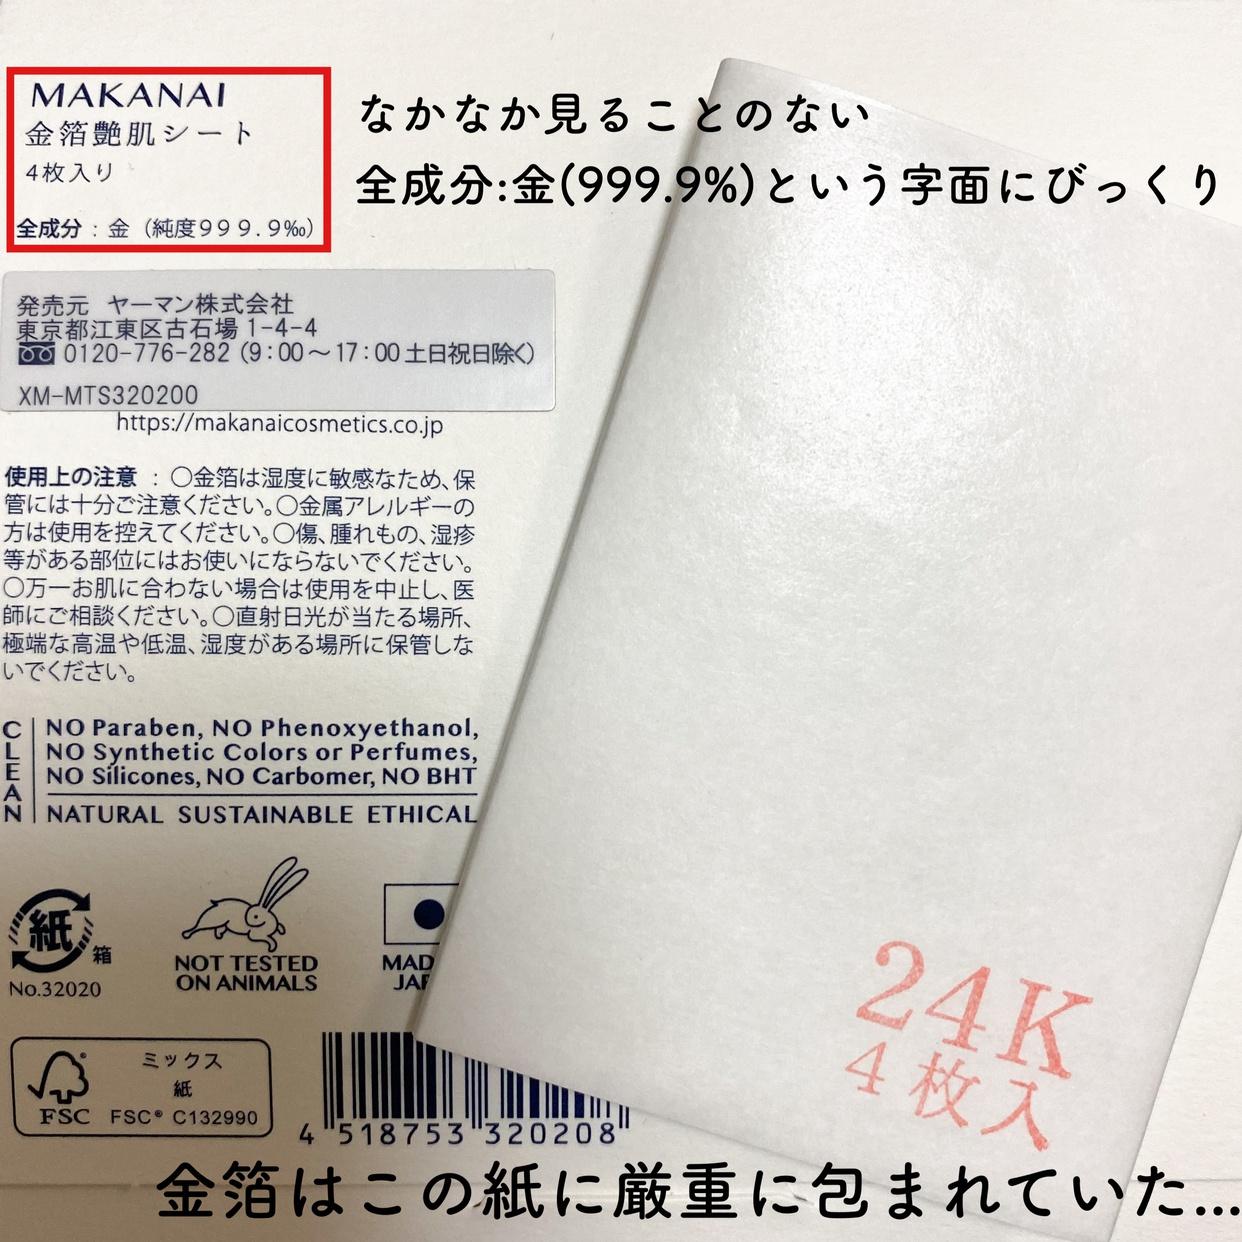 MAKANAI(マカナイ) 金箔シート艶肌マスクを使った只野ひとみさんのクチコミ画像2